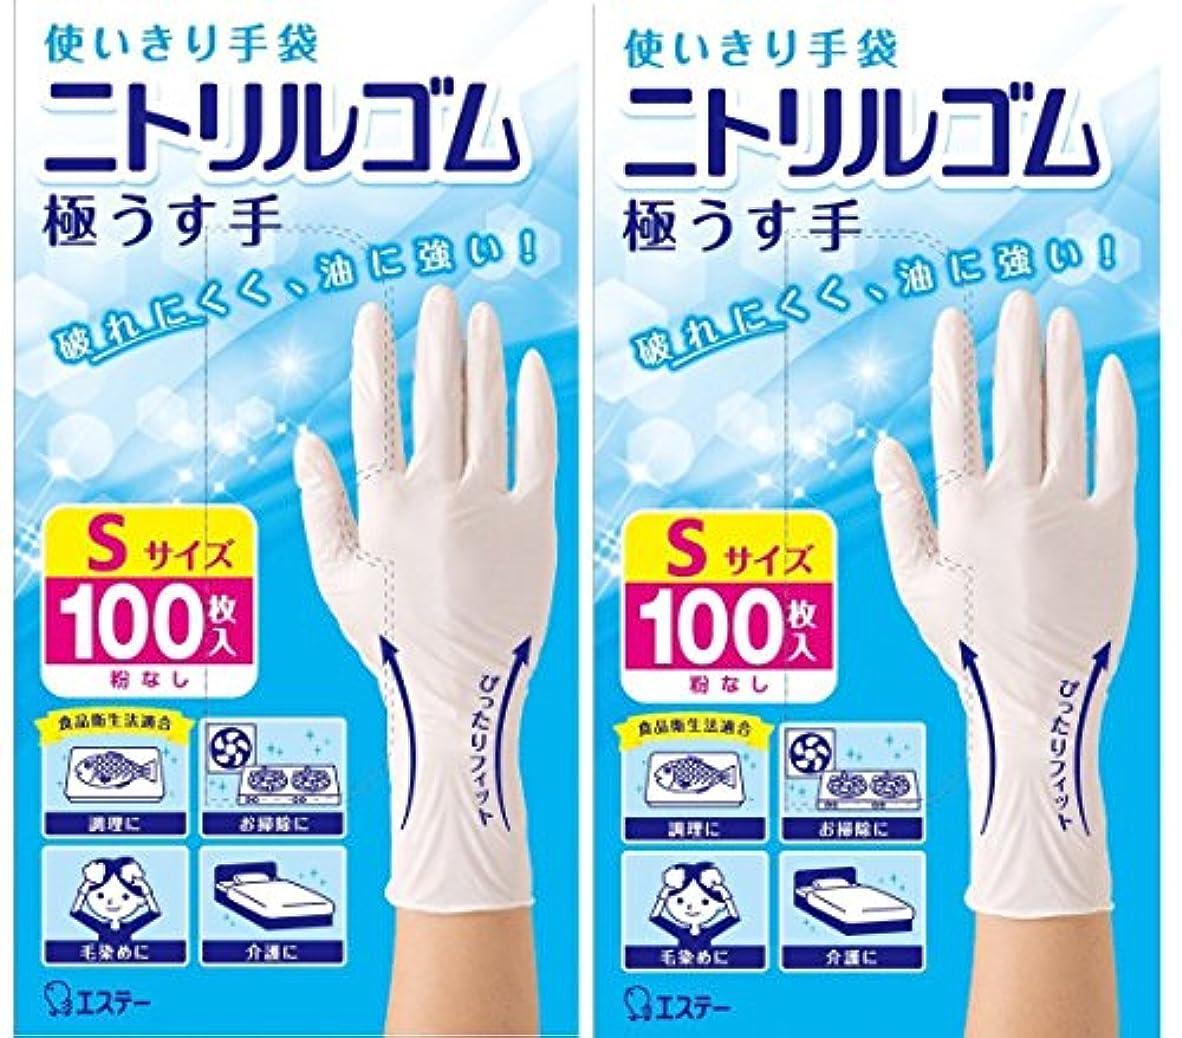 フェンスマーガレットミッチェルストロー【お徳用 2 セット】 使いきり手袋 ニトリルゴム 極うす手 ホワイト 粉なし Sサイズ 100枚入×2セット